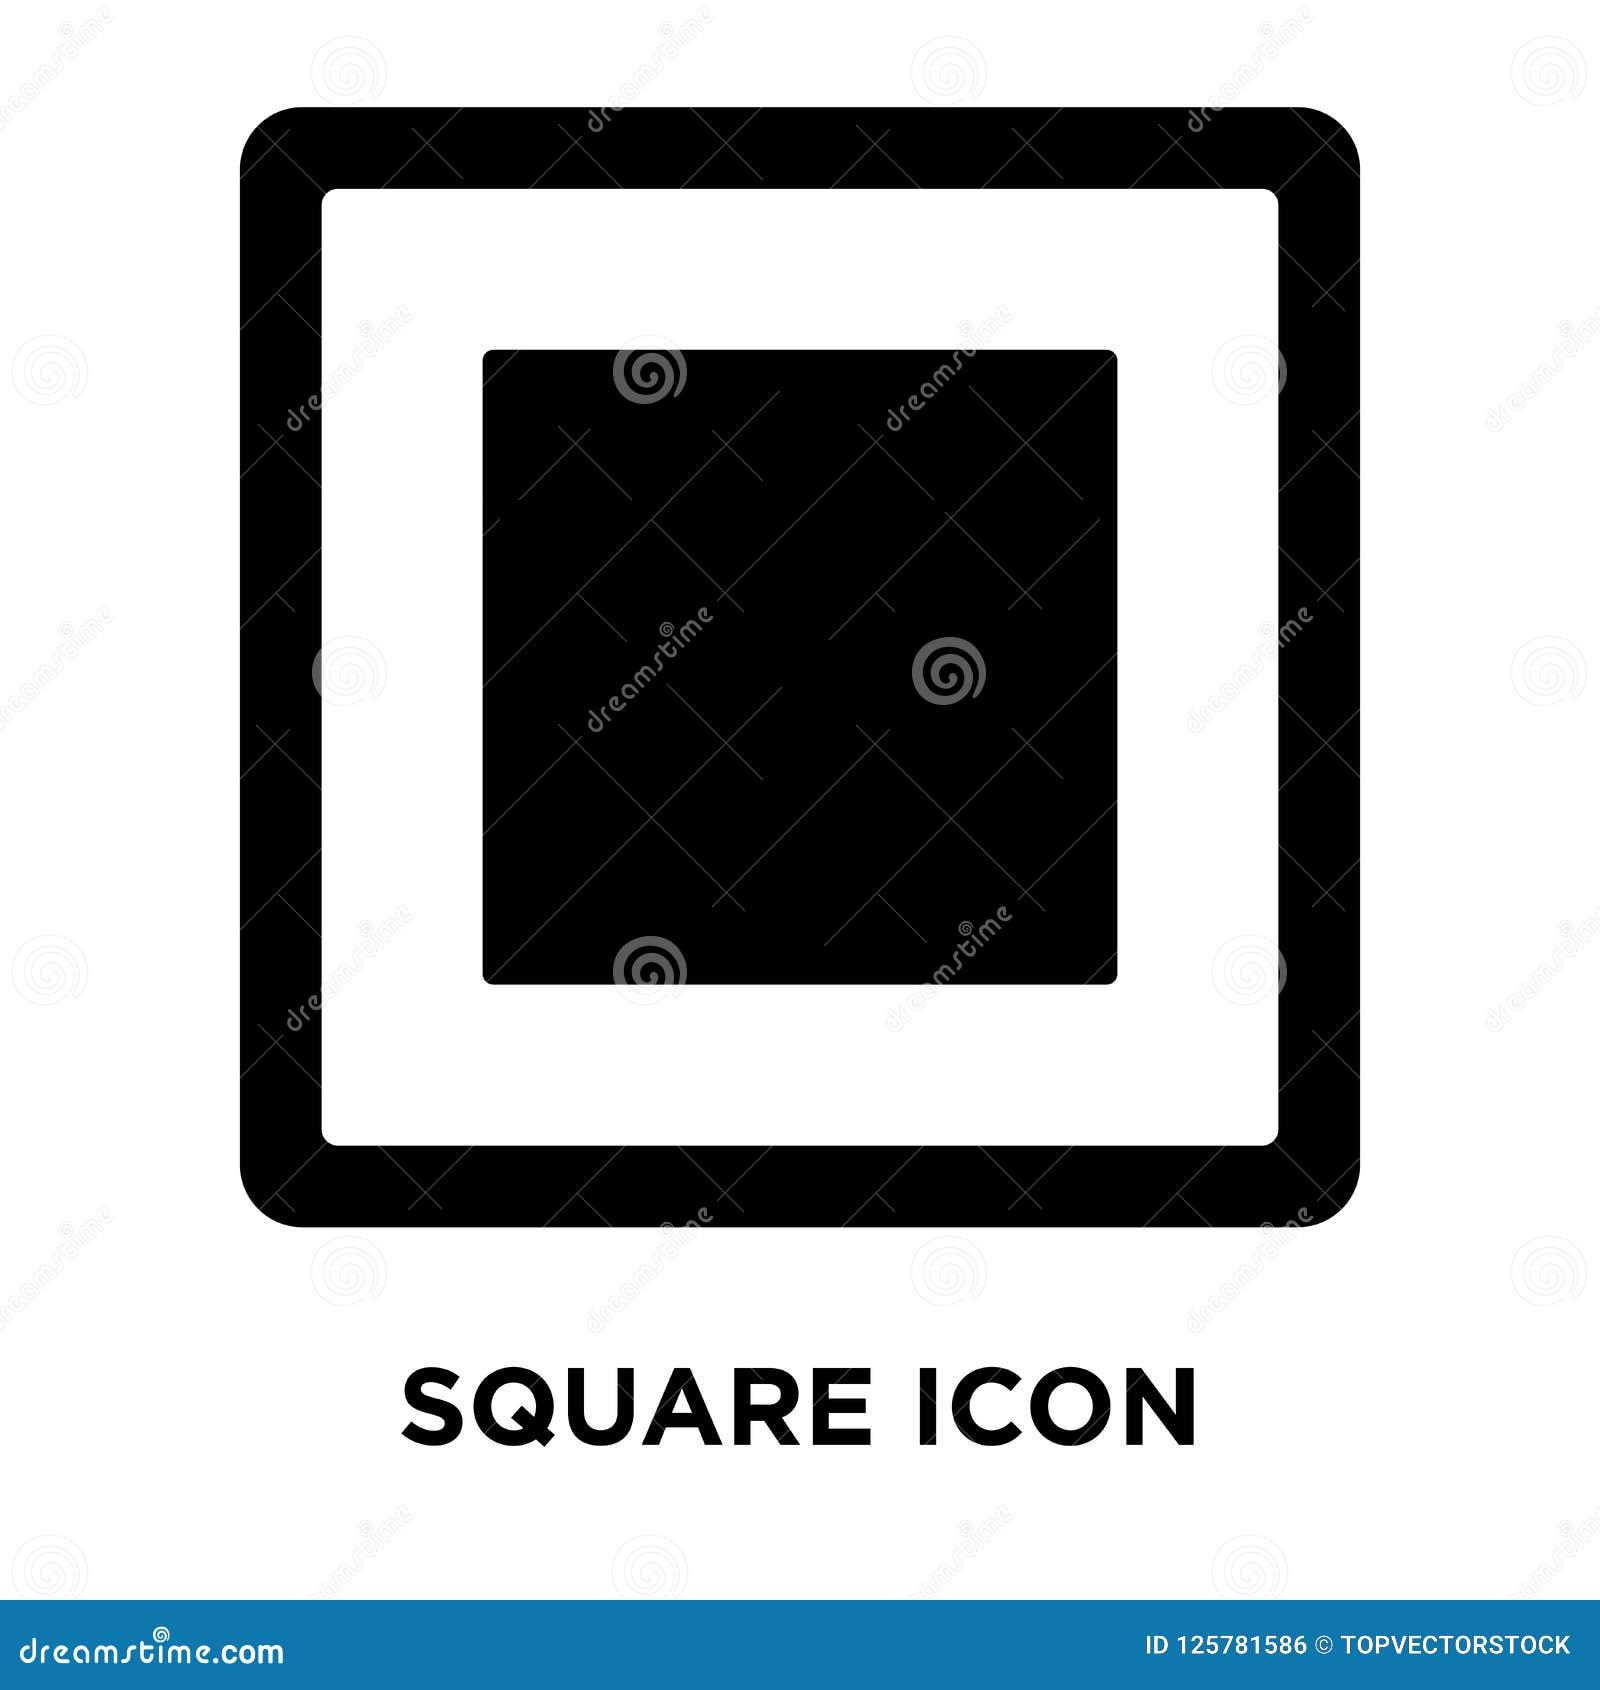 Vetor quadrado do ícone isolado no fundo branco, conceito do logotipo de